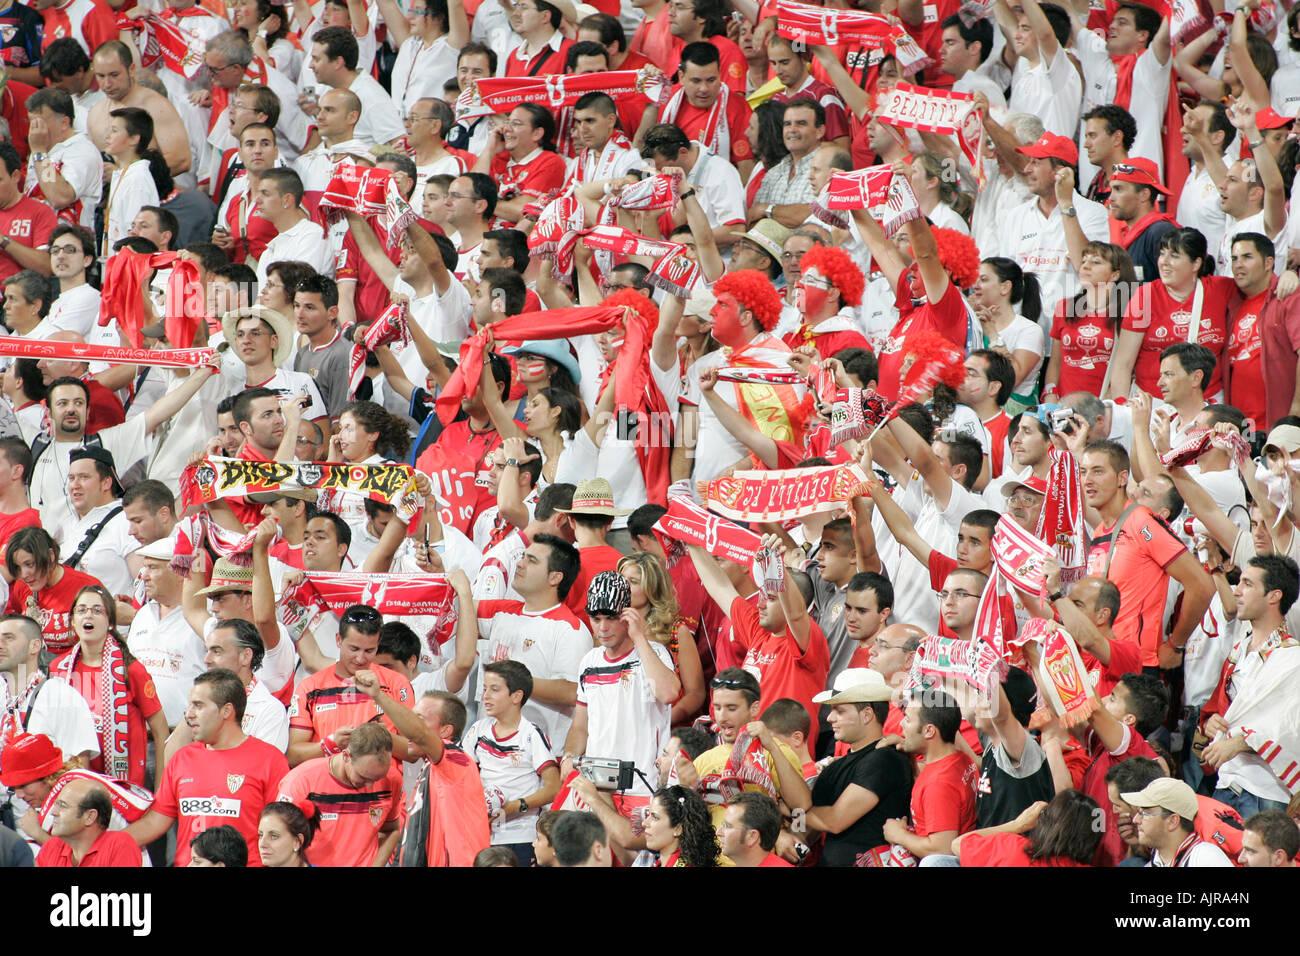 Sevilla Fc Fans Stock Photo Alamy